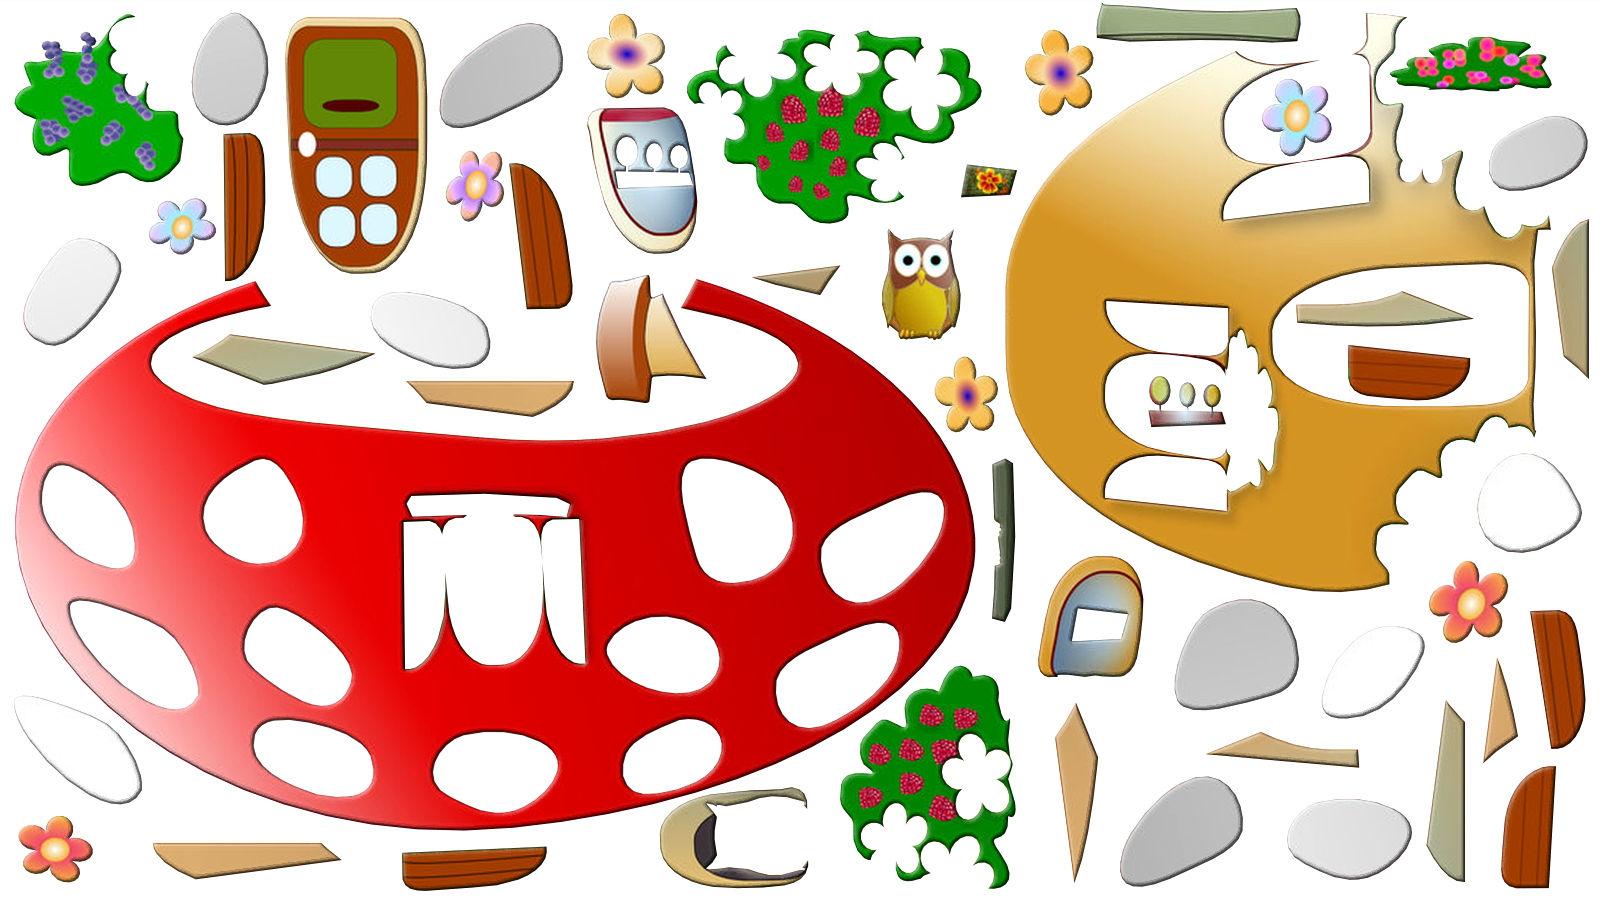 Puzzles Gratuits, Animés Et De Découpes Inédites, Enfant, Adulte avec Puzzle Gratuit Enfant